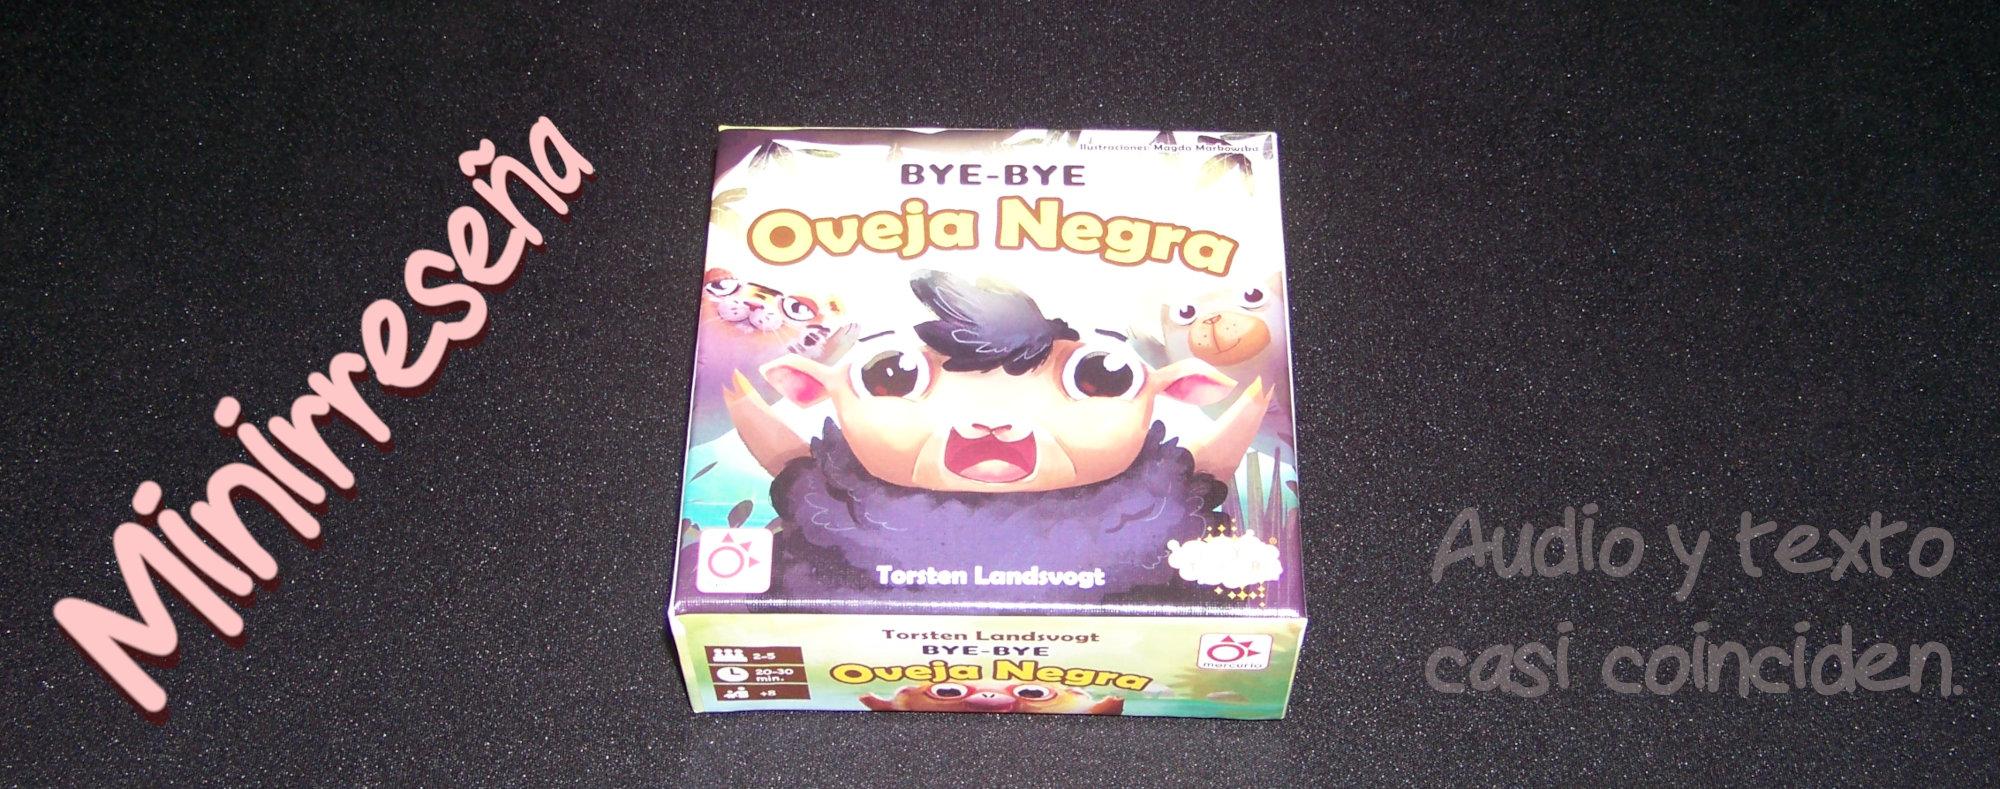 Bye-Bye Oveja Negra - Carátula y título